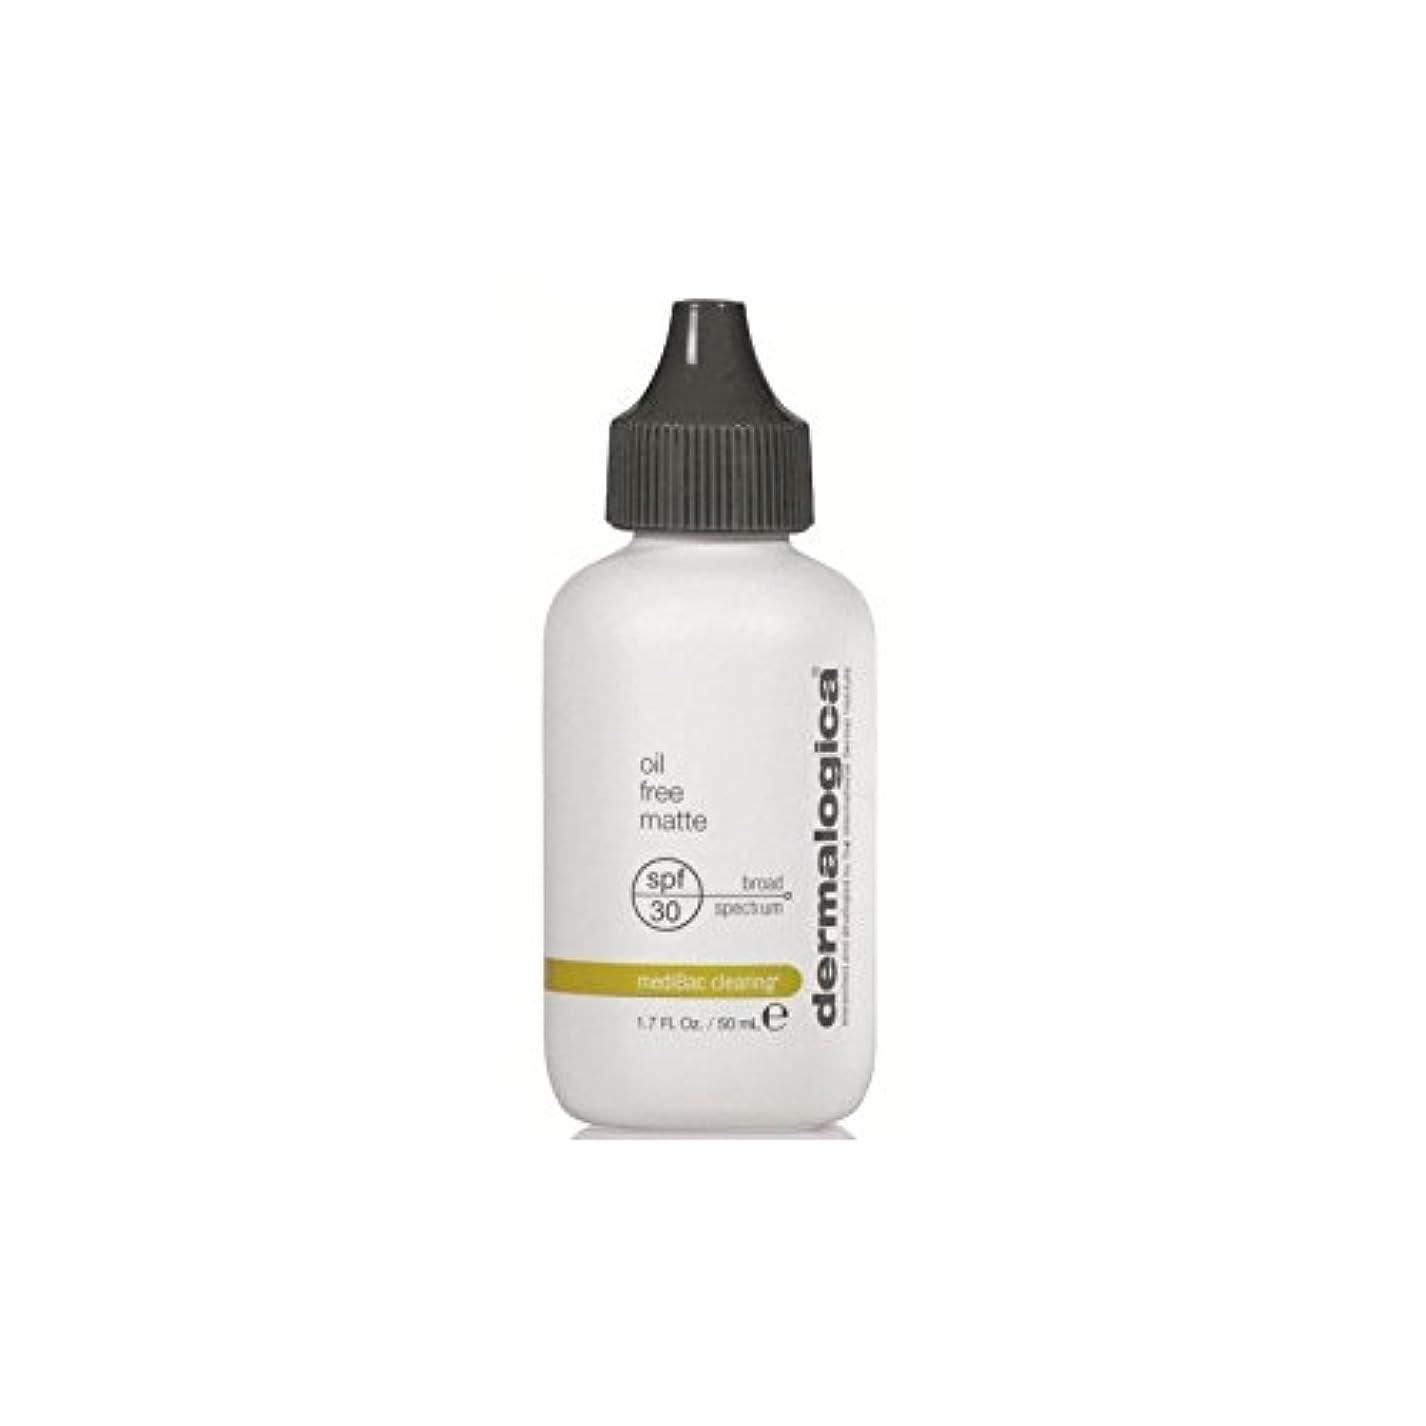 カートベスト返済Dermalogica Oil-Free Matte Spf 30 (Pack of 6) - ダーマロジカオイルフリーマット 30 x6 [並行輸入品]